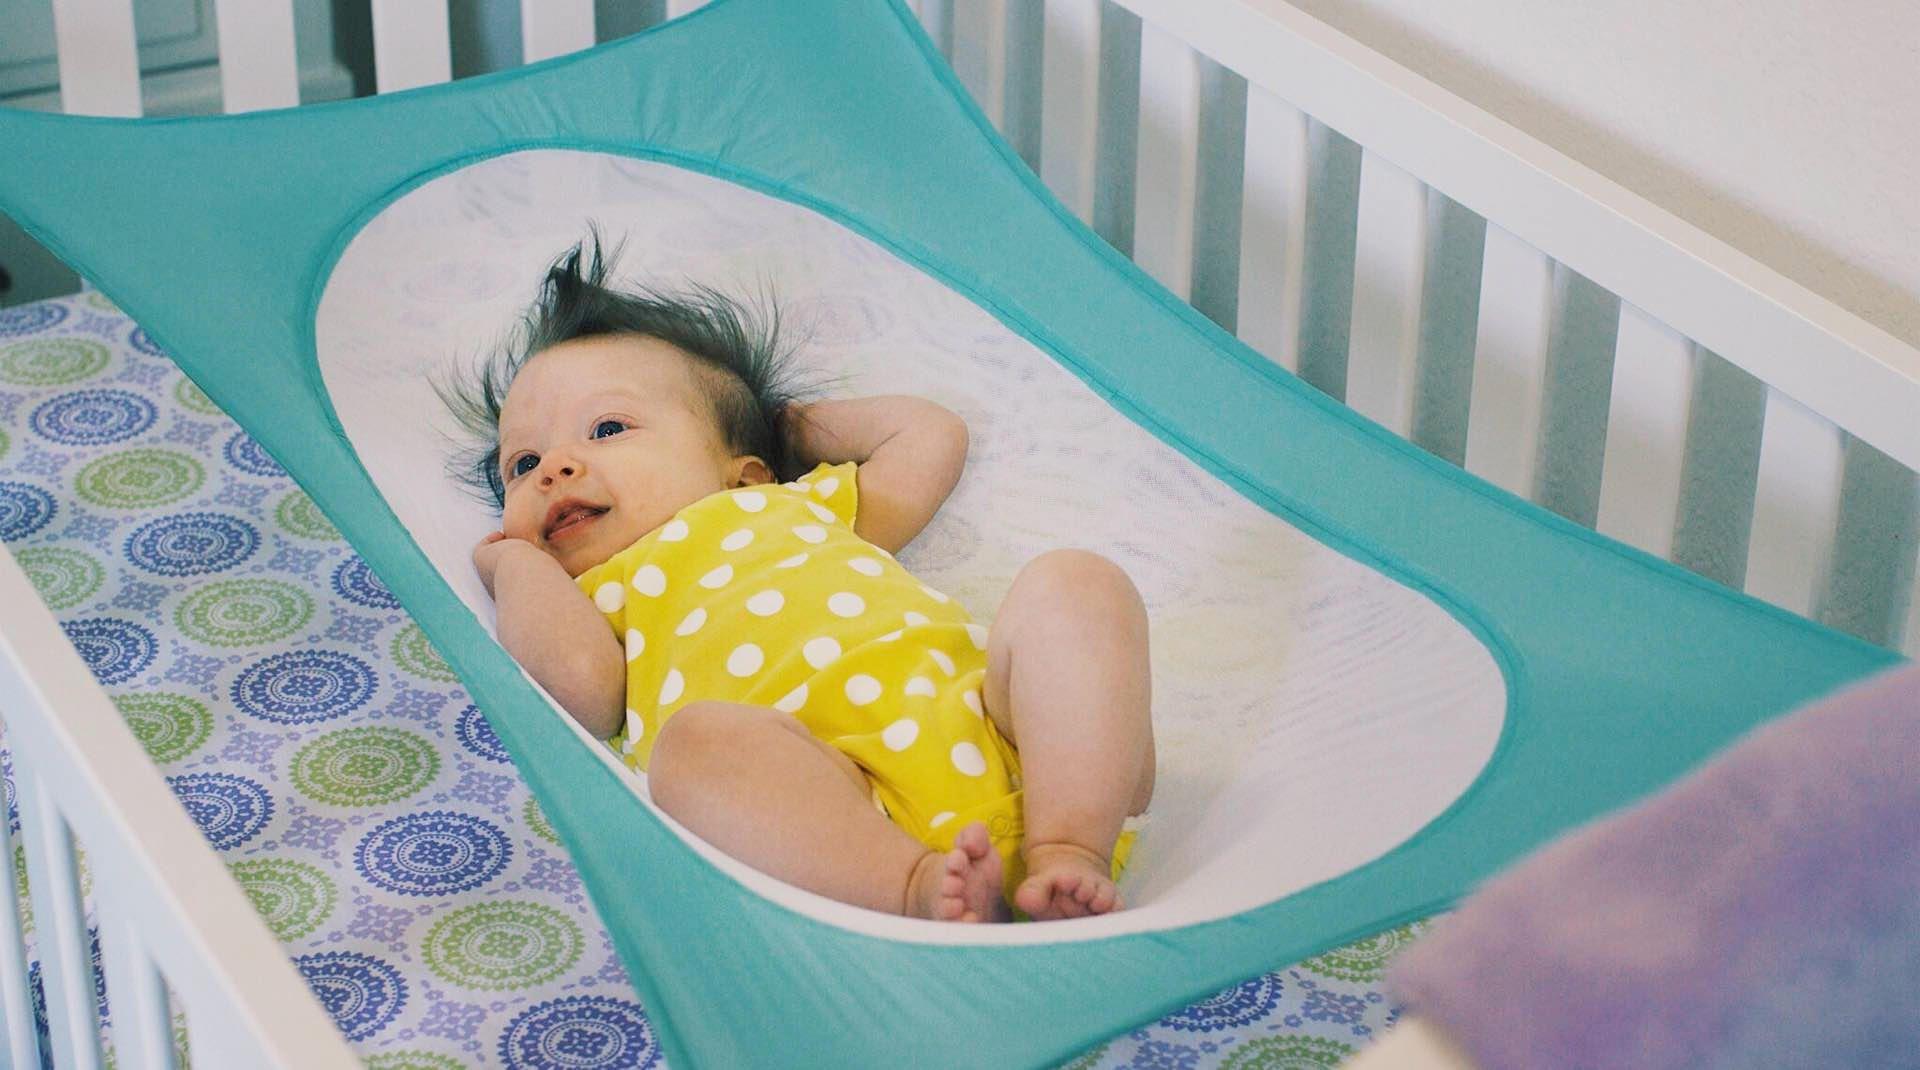 dieses babybett ist so sicher wie der mutterleib   baby, hüte und, Hause deko